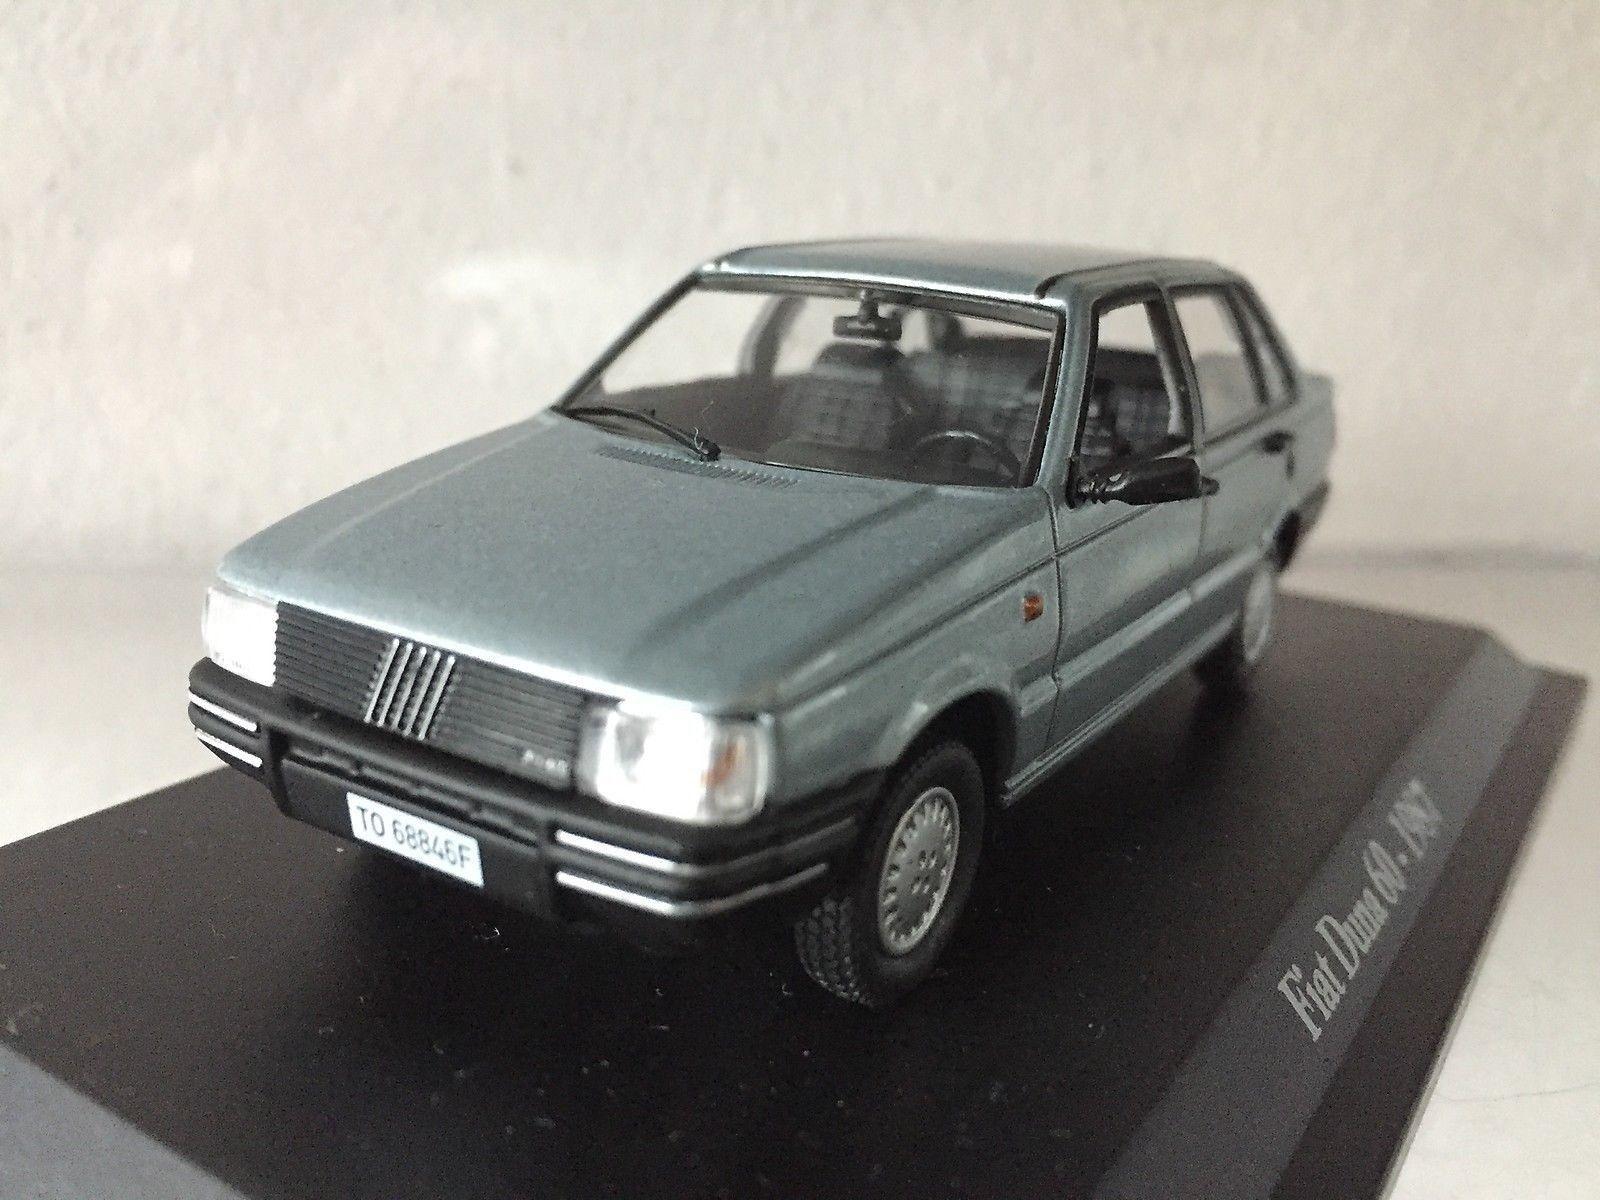 294 Fiat Duna 60 1987 grau VERY RARE - NOREV 1 43